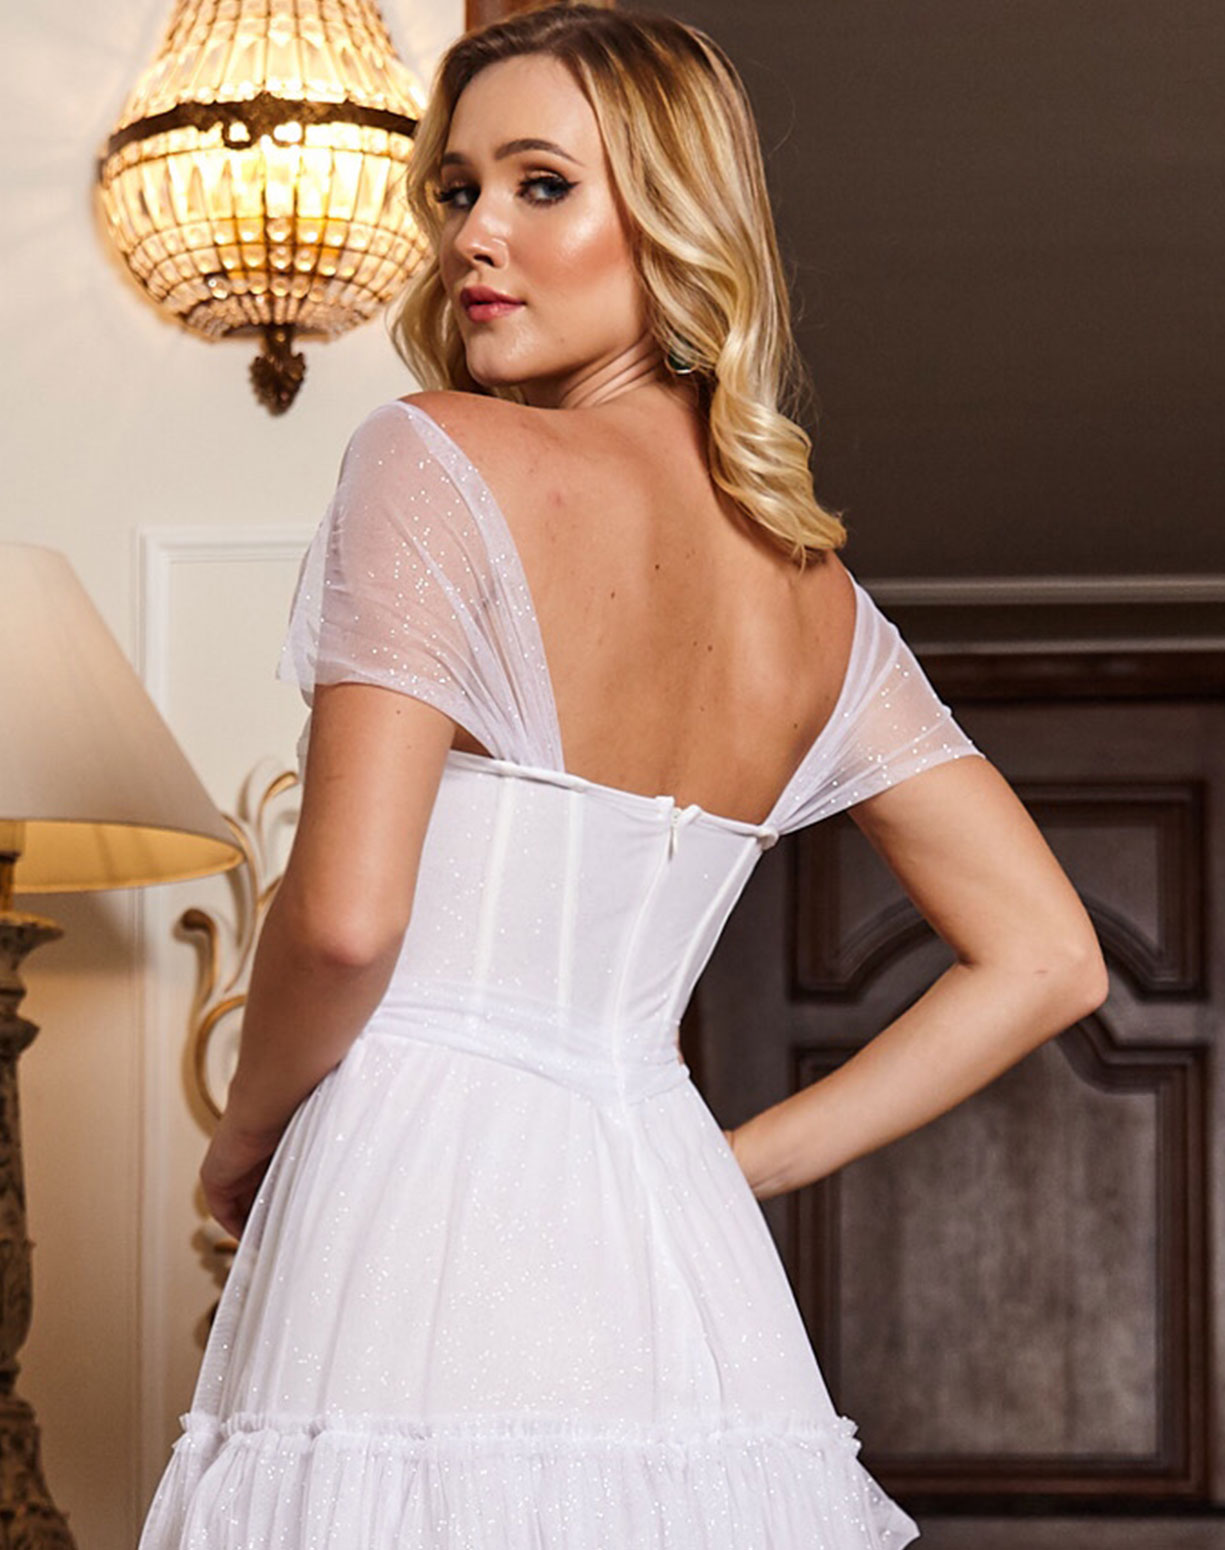 Vestido Branco com Corpete em Tule,  Manga Ombro a Ombro e Saia em Camadas